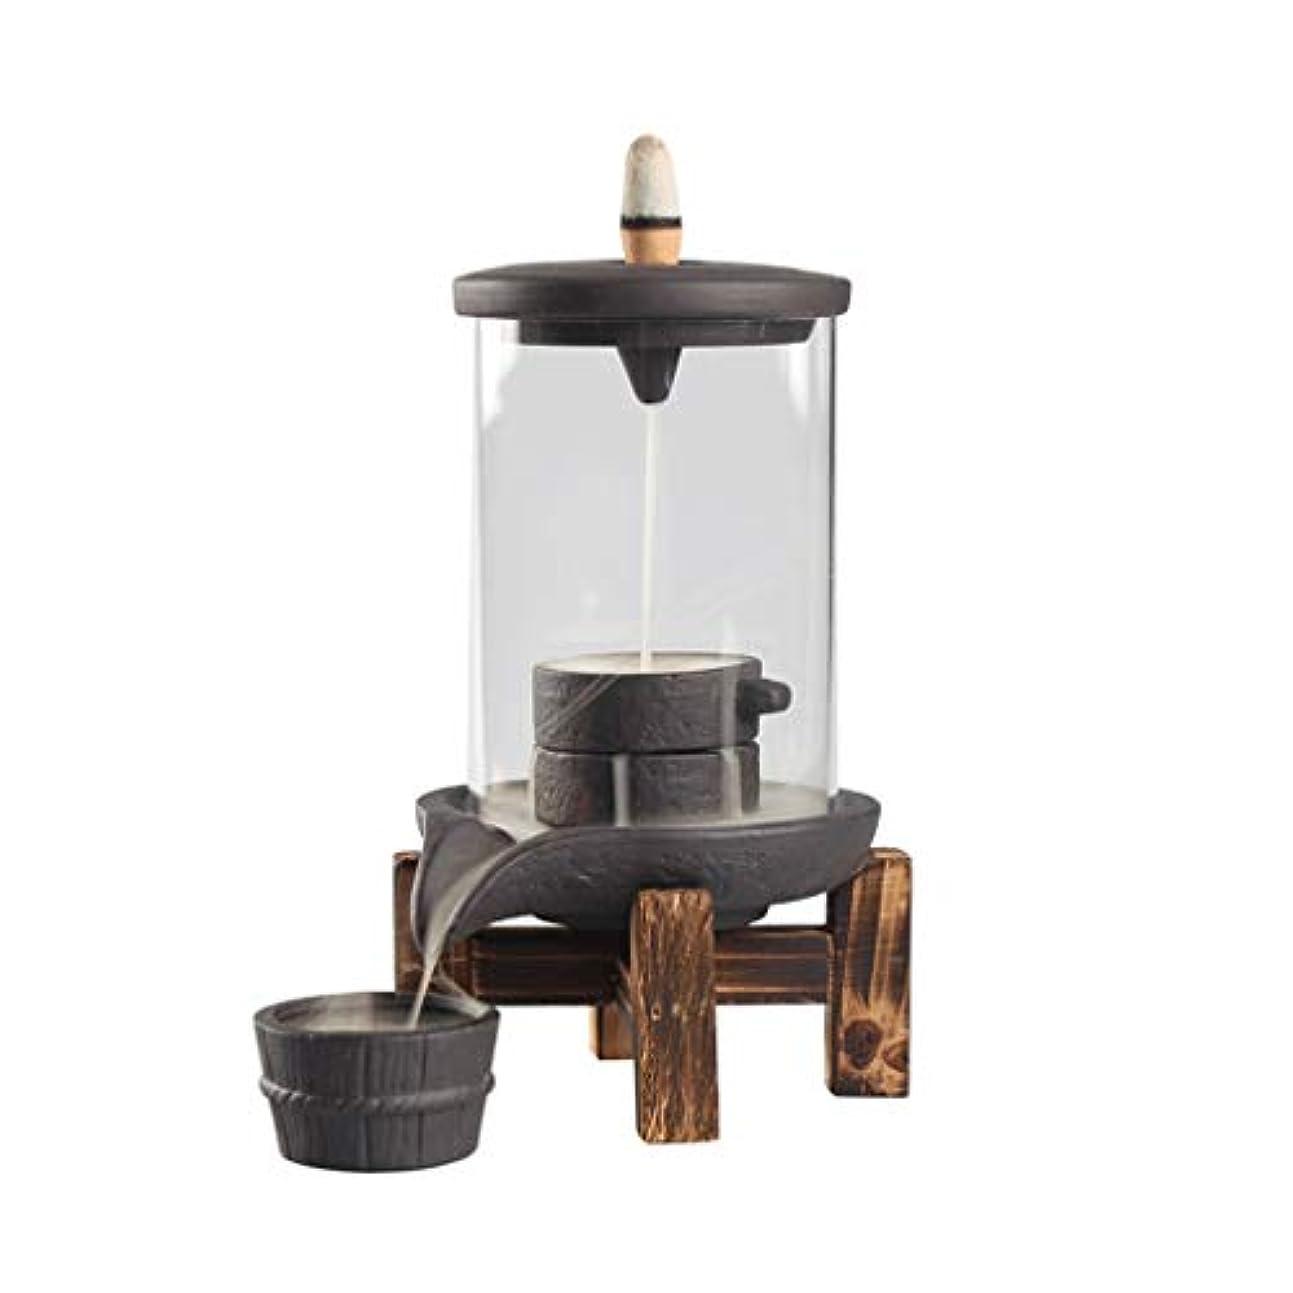 輝度文不完全逆流ガラス香のホールダー縦の寒天の陶磁器の香バーナーの儀式空気浄化の香の床の香のホールダー (Color : Black, サイズ : 3.74*6.7INCHS)